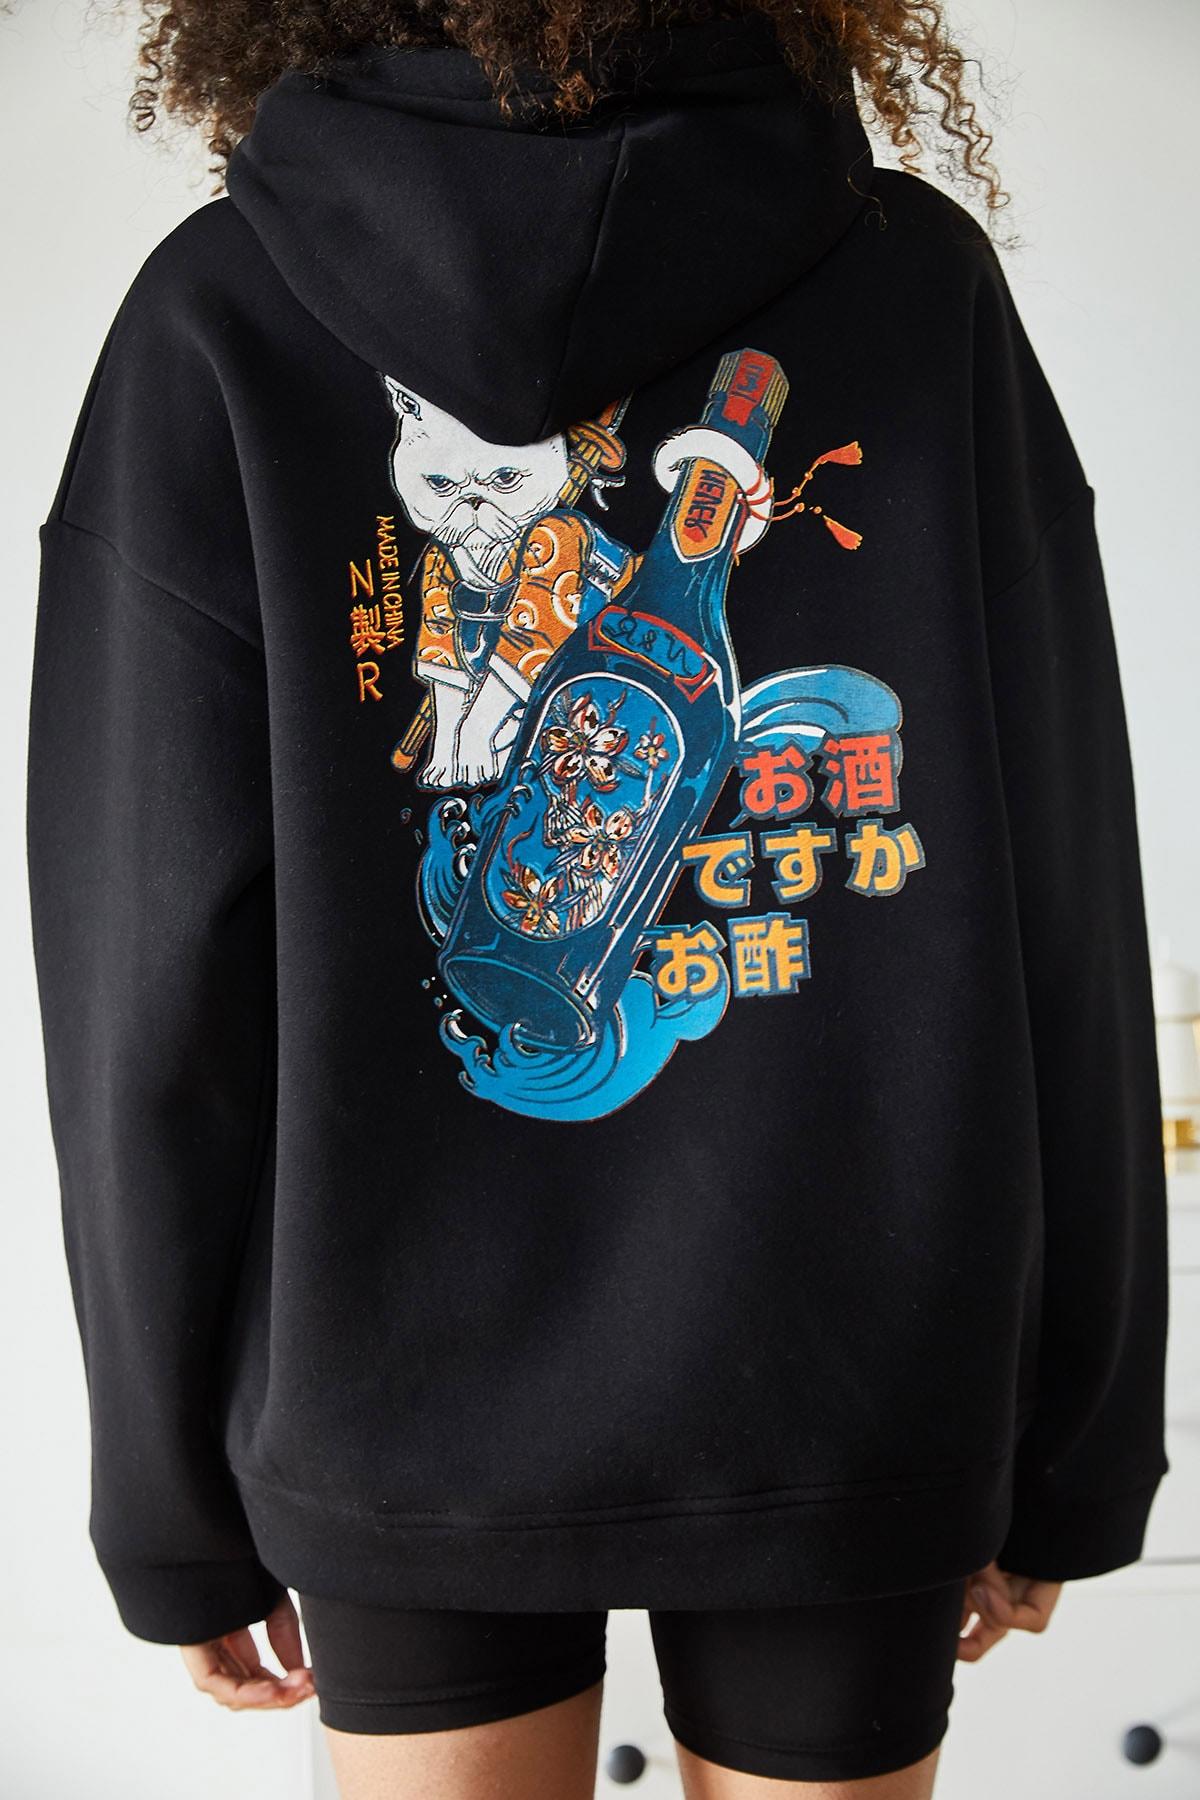 XENA Kadın Siyah Sırtı Baskılı Kapüşonlu Polarlı Kışlık Oversize Sweatshirt 1KZK8-11107-02 2